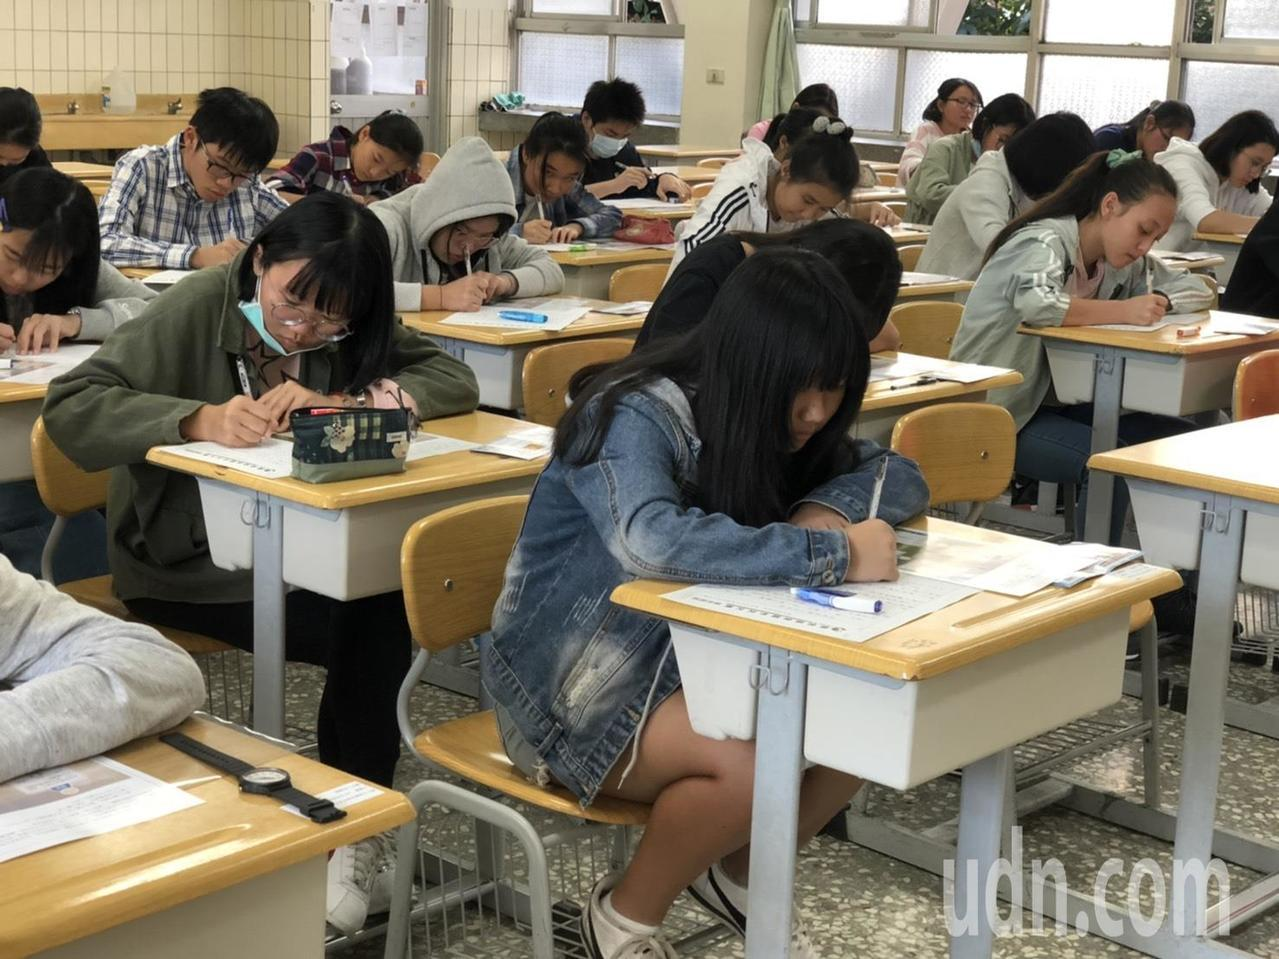 聯合盃作文大賽,考試題目多元,讓考生深覺有挑戰性。記者陳秋雲/攝影